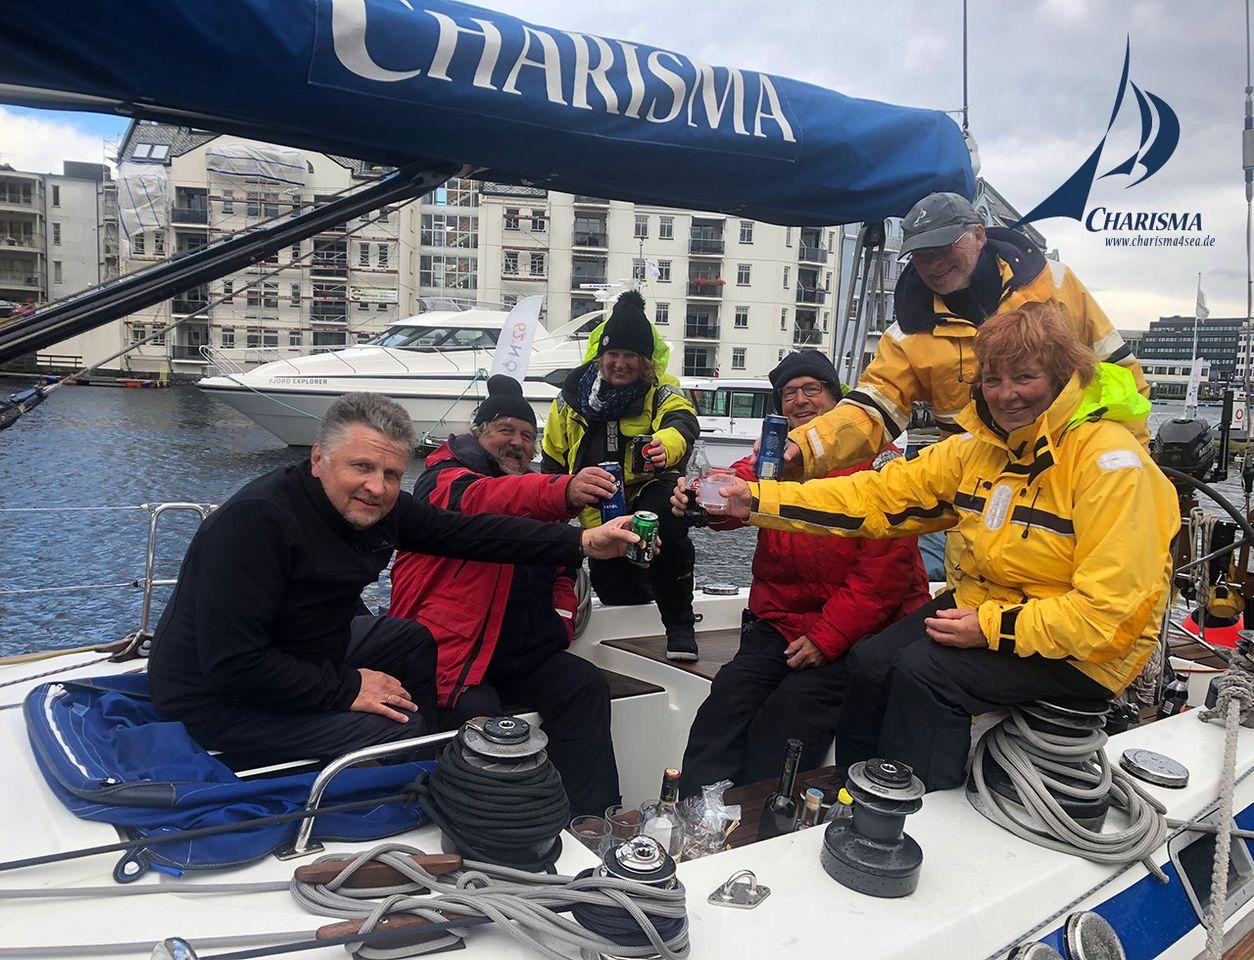 Charisma-Crew sicher im Hafen